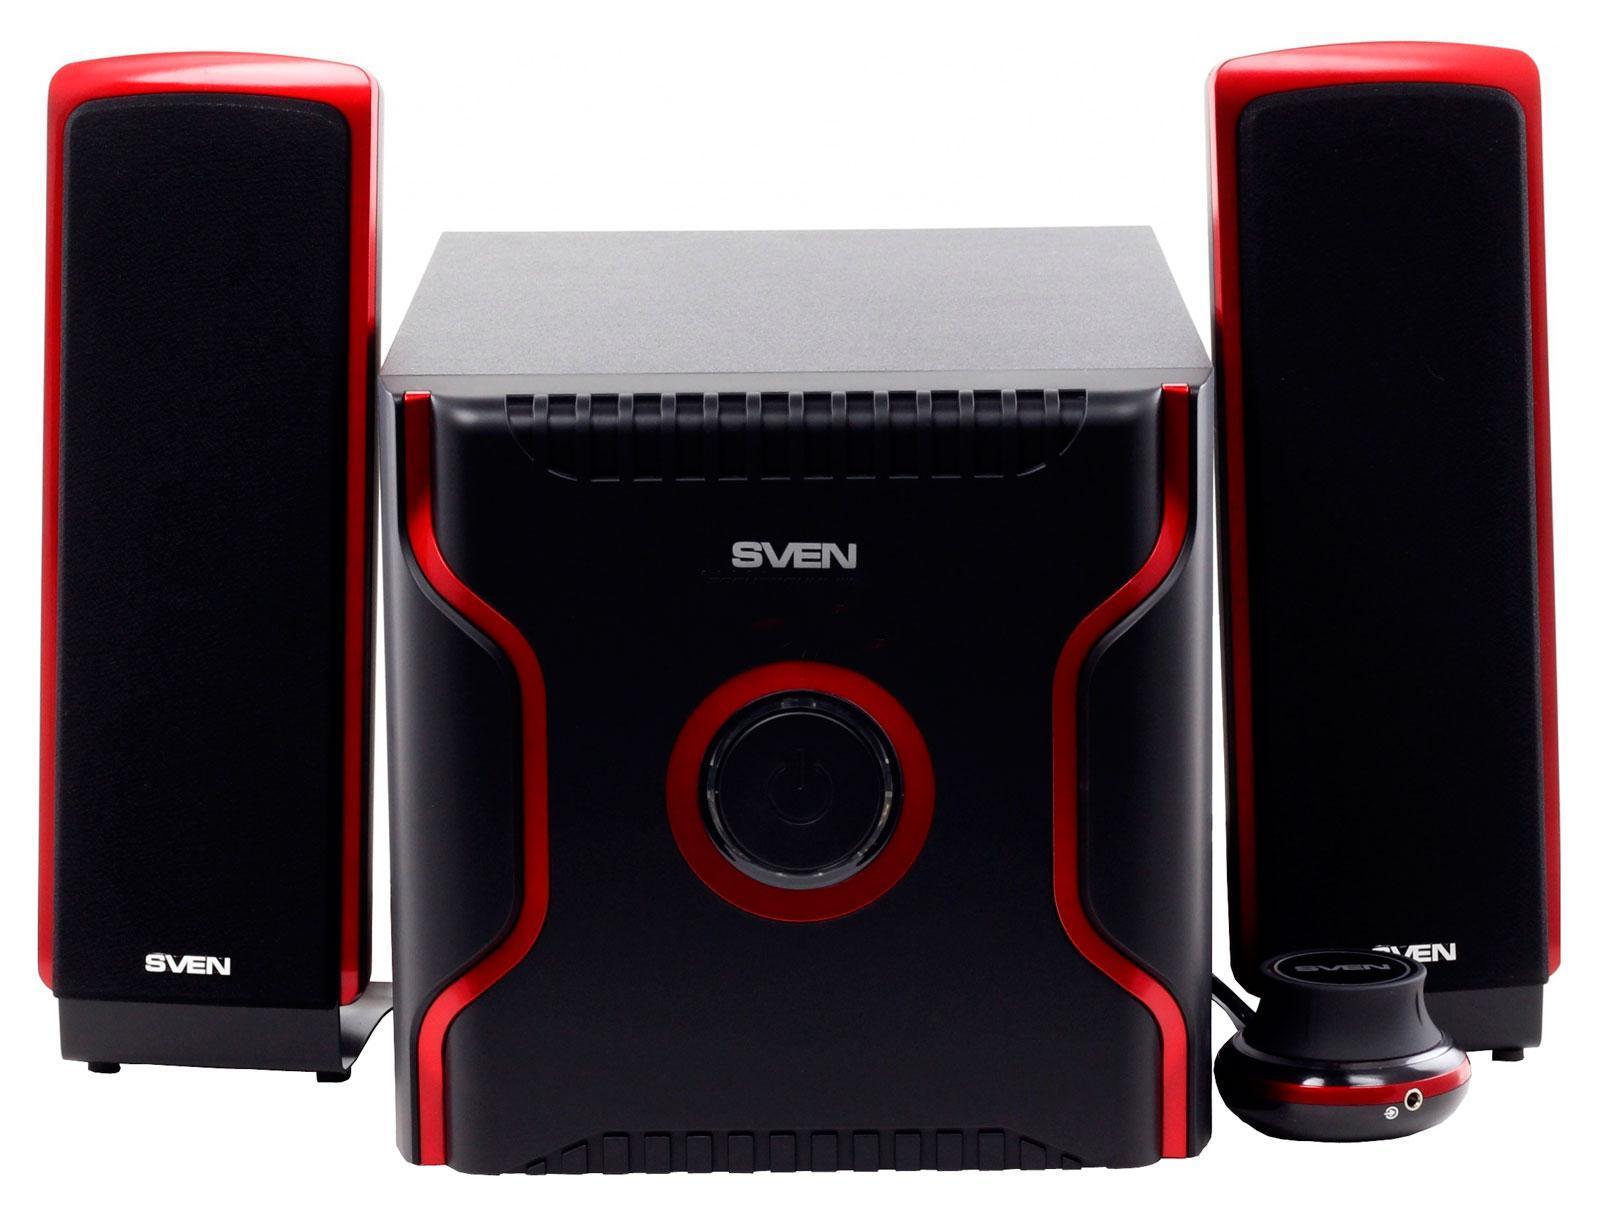 Sven MS-1040, Black акустическая система 2.1 с сабвуферомSV-01301040BKКроме стандартных регулировок, на выносном пульте естьдополнительный вход, к которому можно подключить МР3-плеер или другойисточник звука. Сателлиты системы выполнены в двухполосном варианте,что позволяет расширить диапазон воспроизведения и получитьдетальную проработку любого звукового материала.Космическая внешностьмодели SVEN MS-1040 и очень необычный пульт ДУ создают антуражмежгалактического общения, где звук – лишь средство коммуникации.Поистине, это еще один эпизод «Звездных войн» на собственномстоле